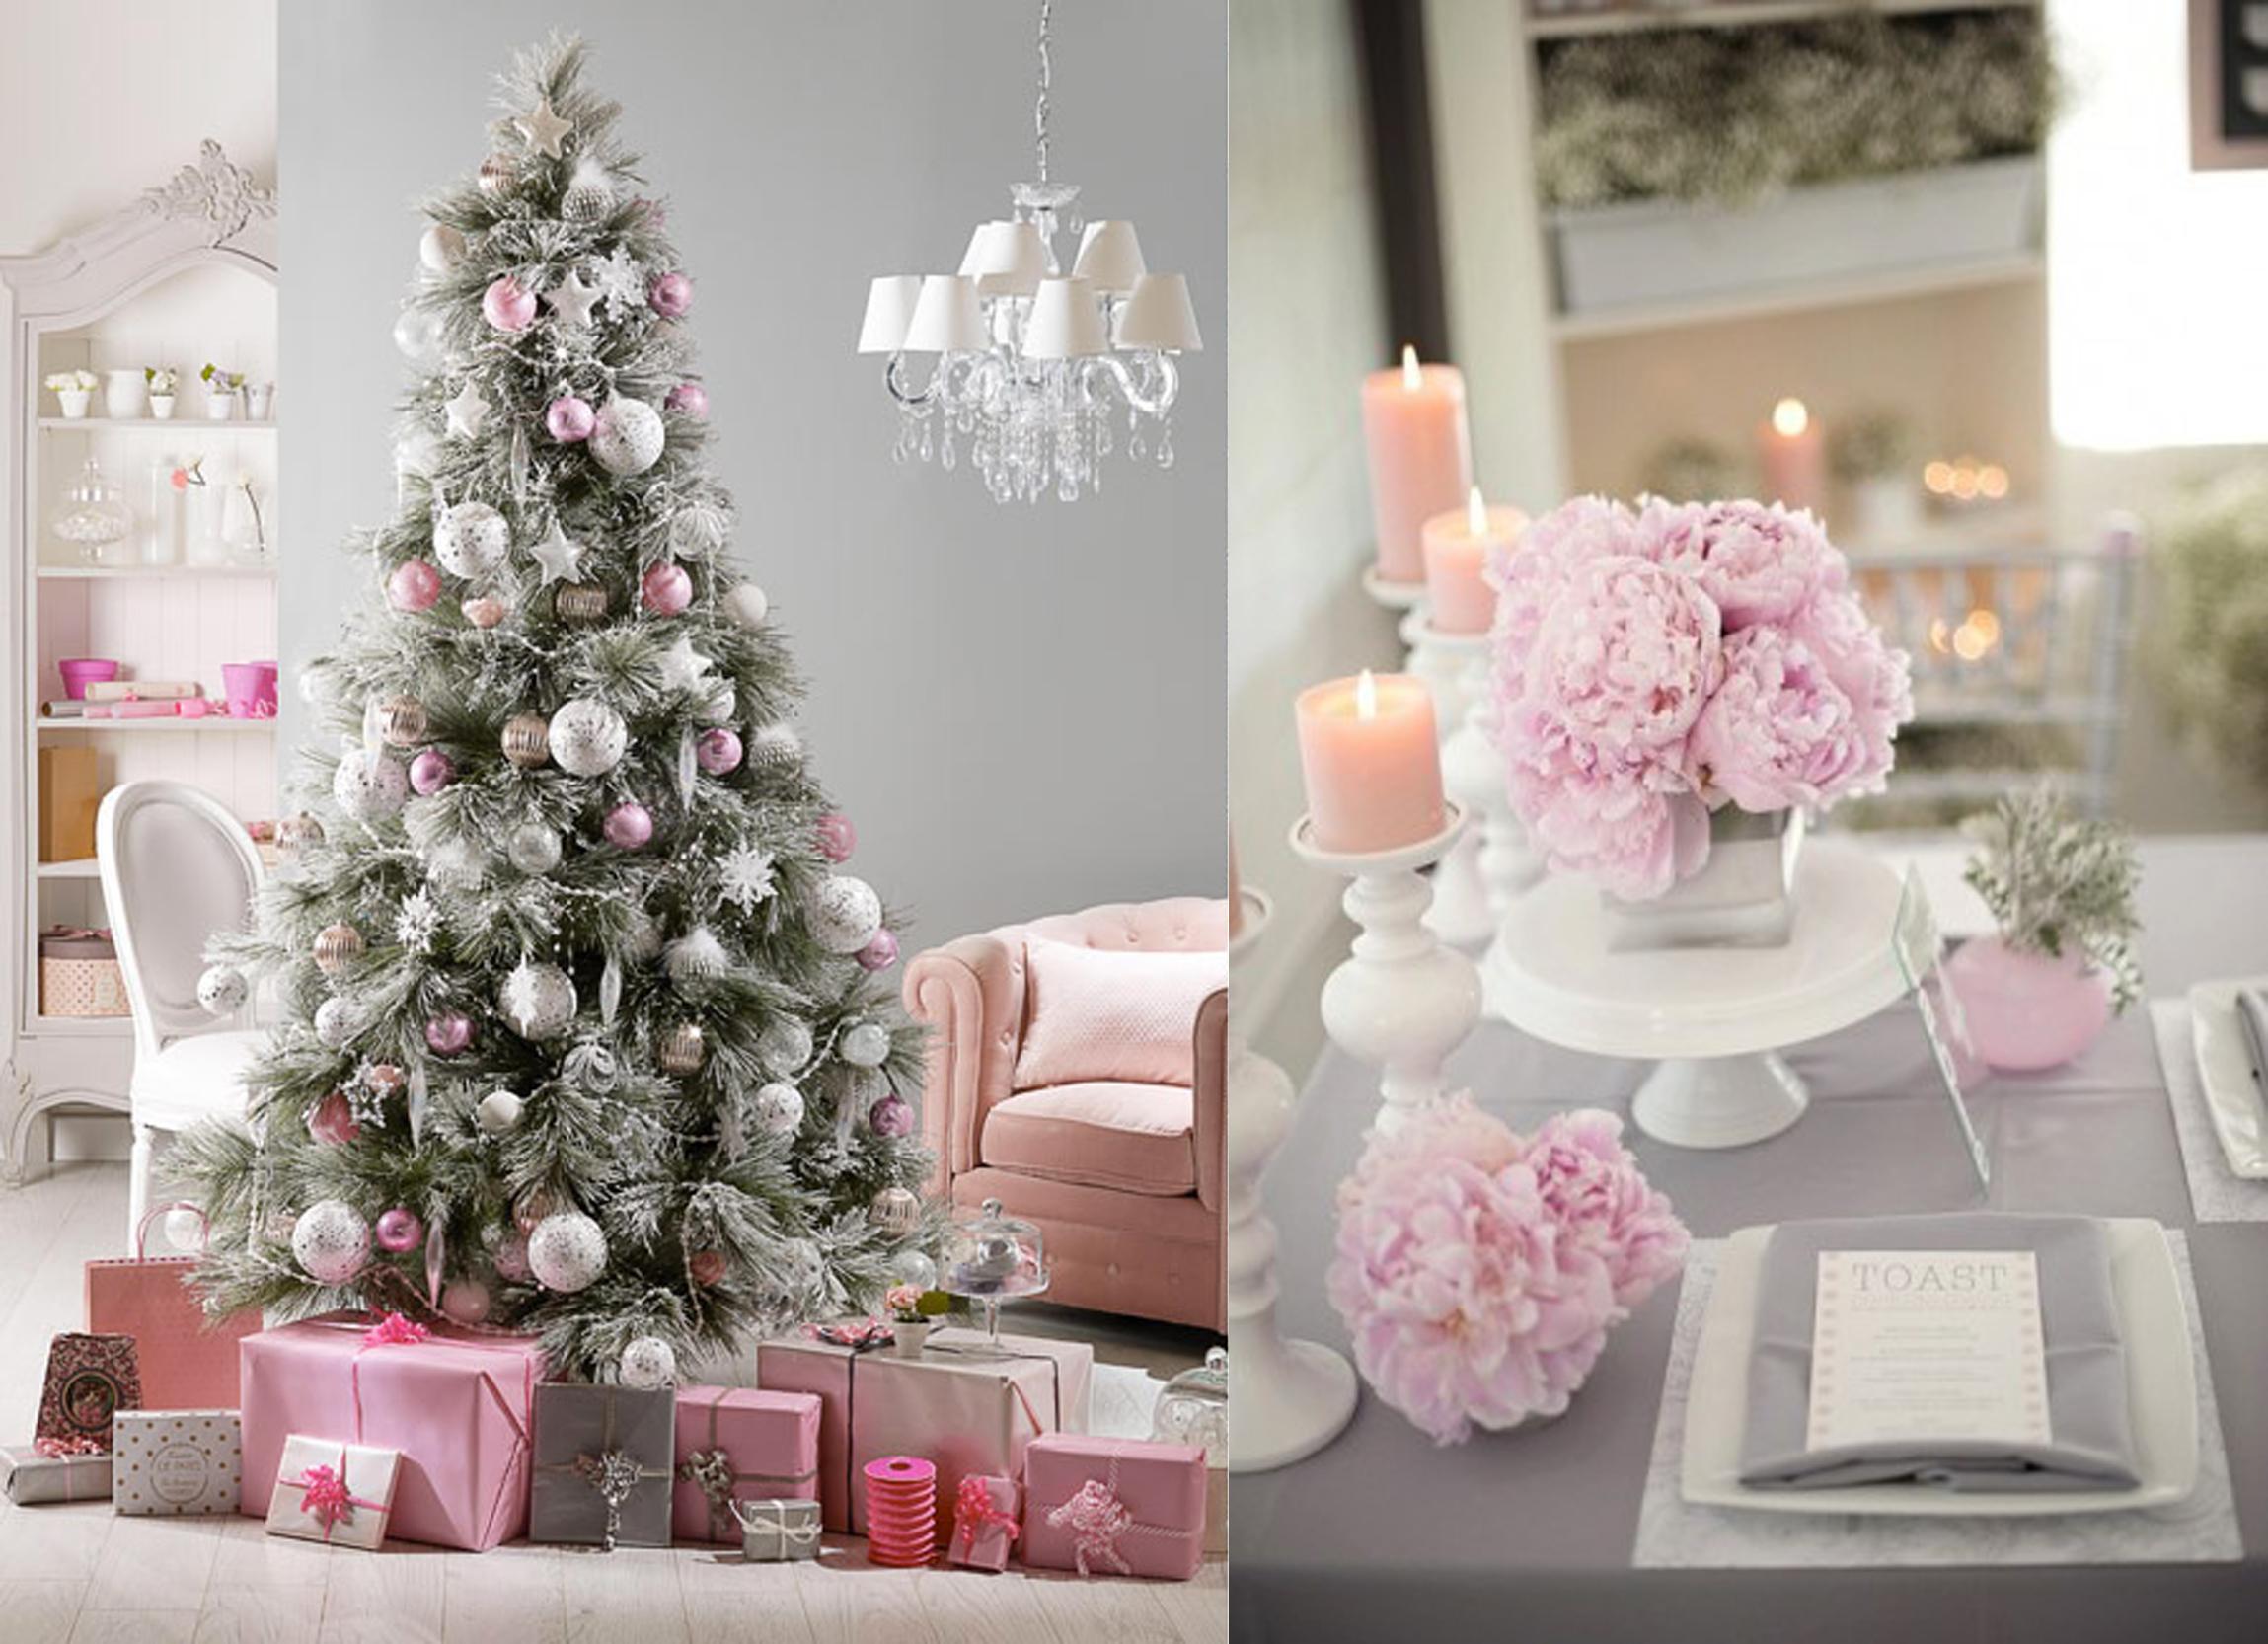 Decorazioni Natalizie Per La Camera decorazioni pastello per un natale romantico